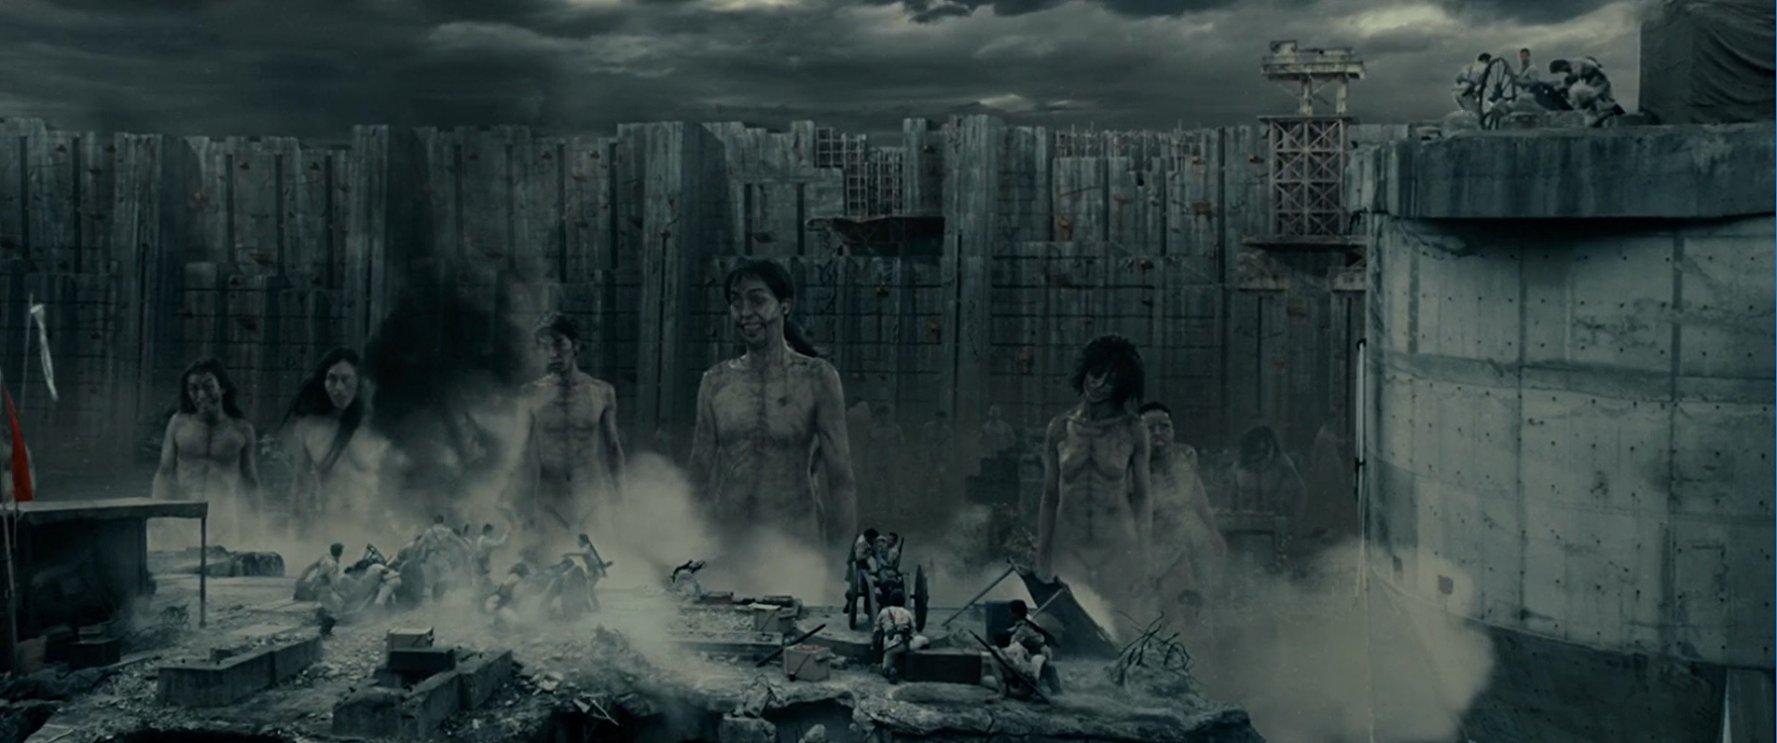 Muralha de titãs